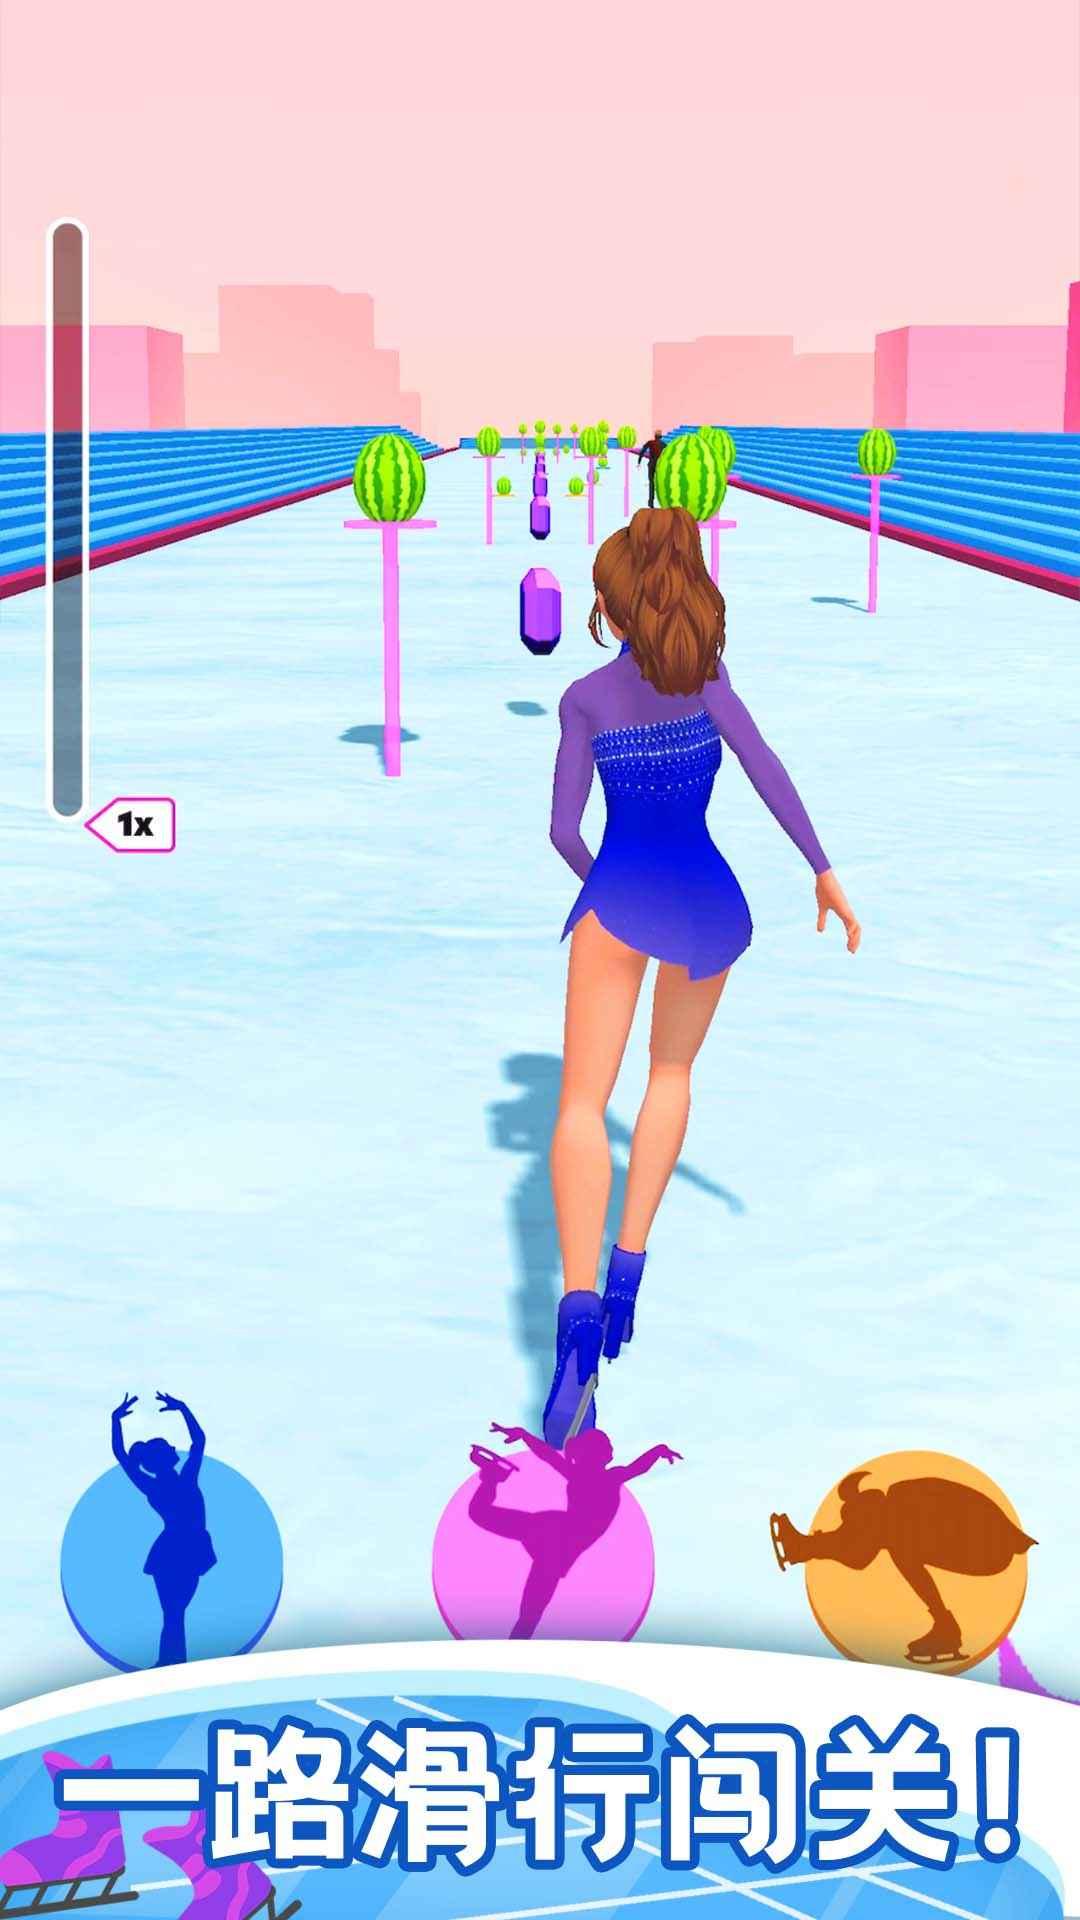 花样滑冰截图5